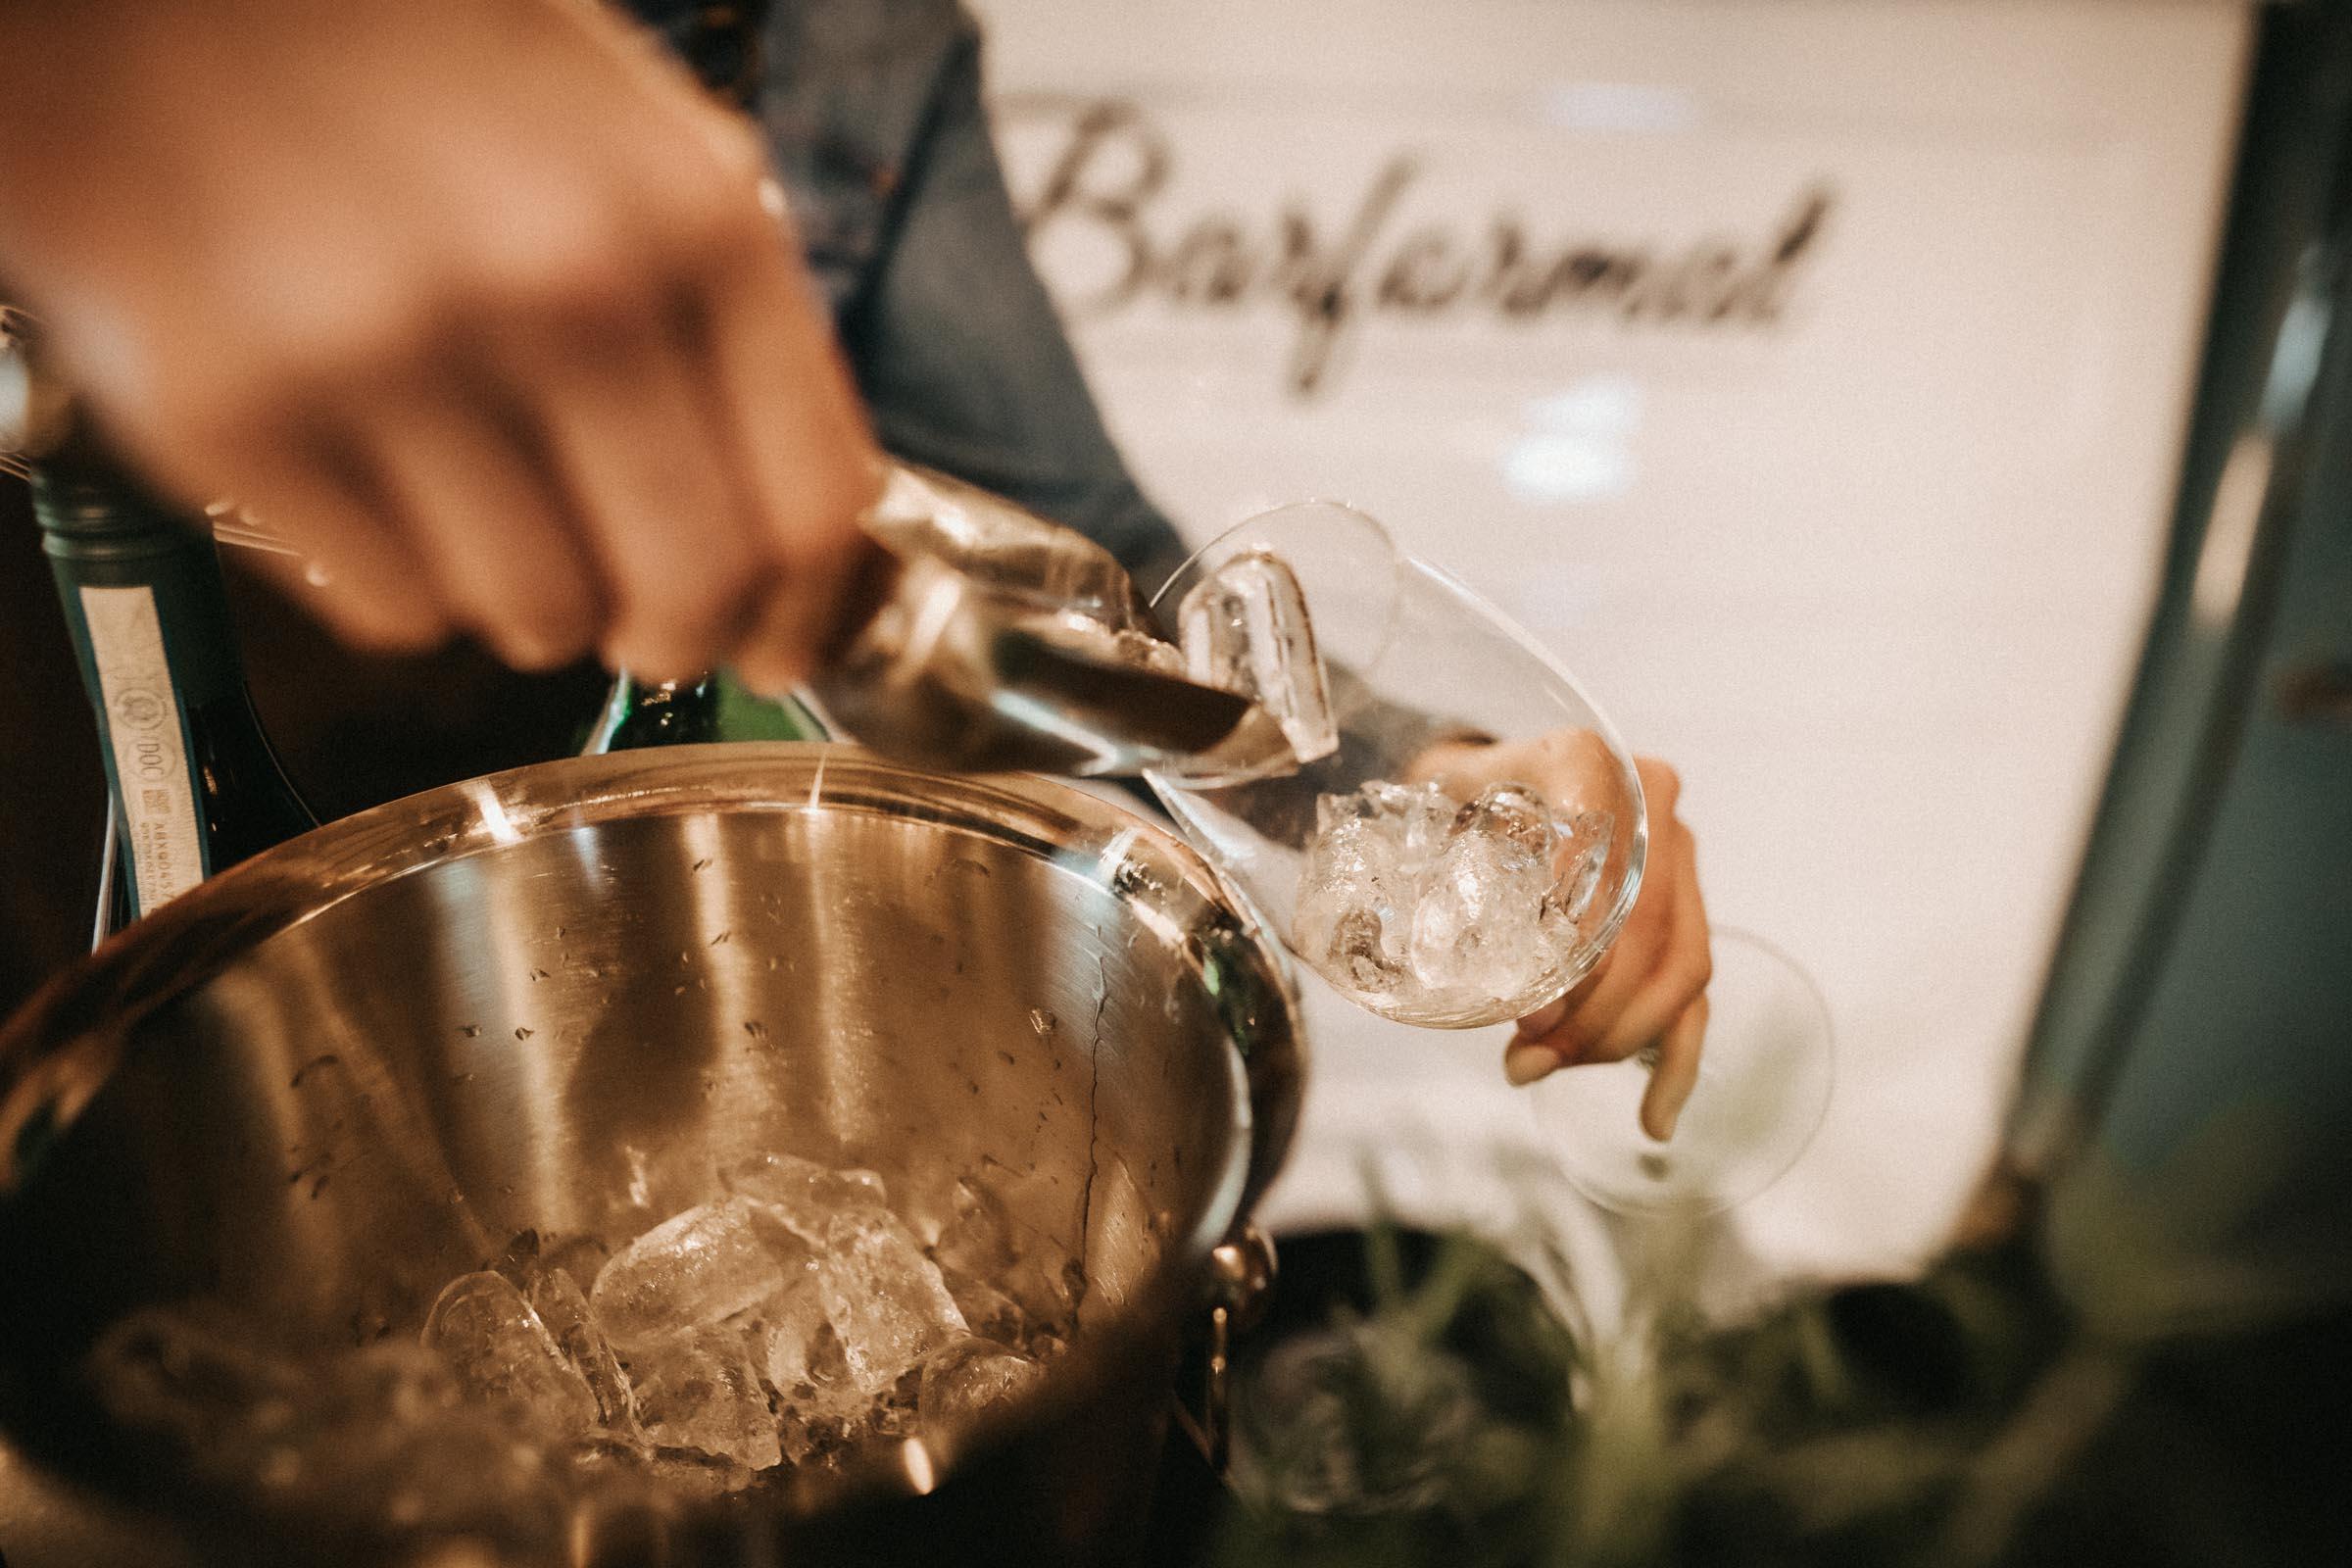 Barformat | Mobile | Bar | Hannover | Hamburg | Bremen | Braunschweig | Cocktailbar | Sektempfang | Bulli | Bar | Cocktailservice | Barkeeper | Messen | Firmenfeiern | Hochzeit | Catering | Food | Truck | Getränke | Ape | VW